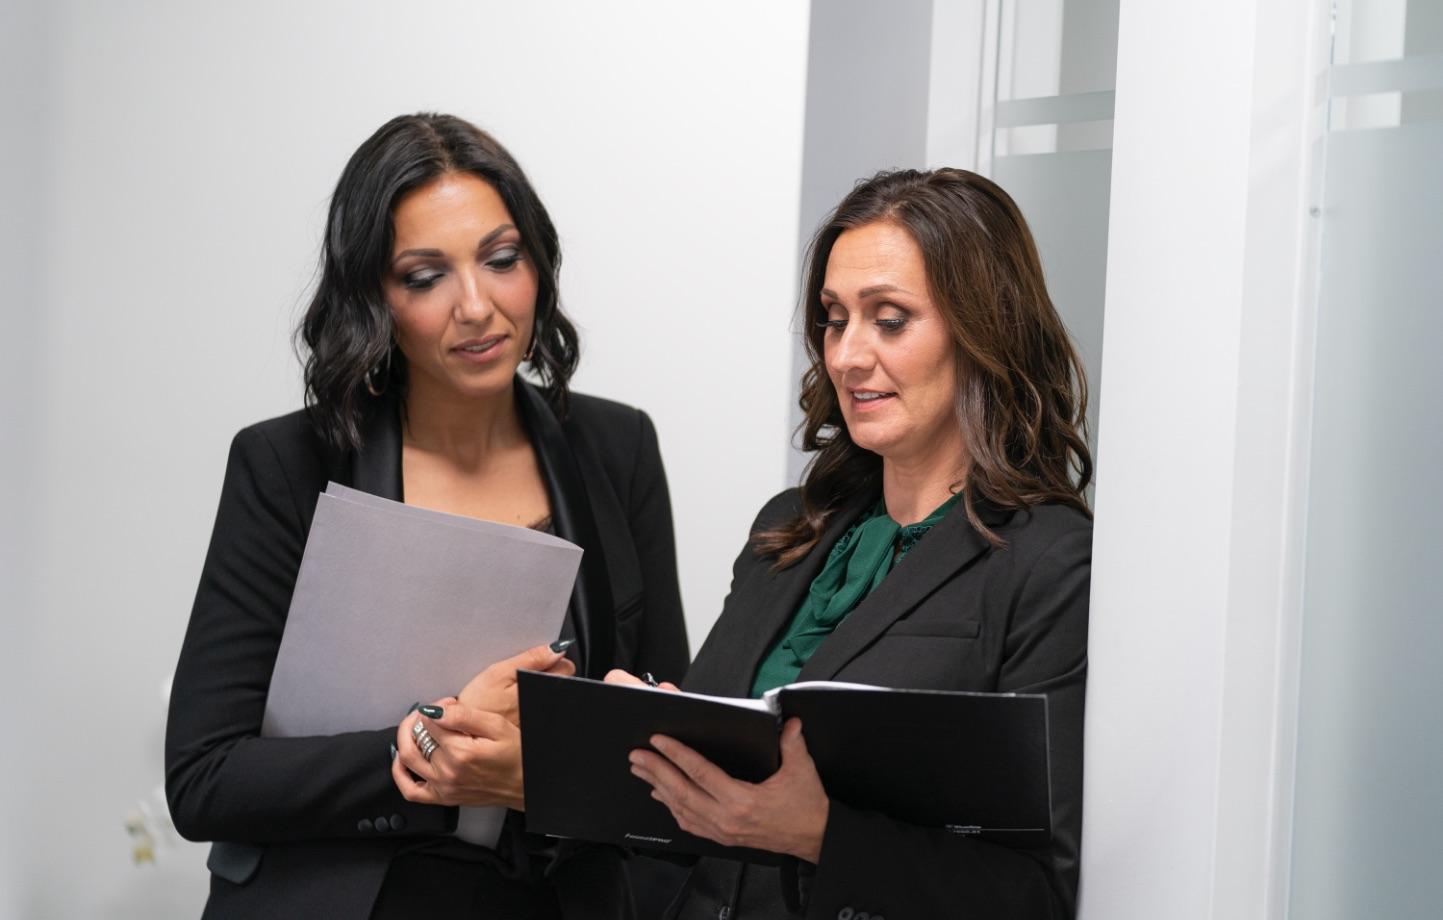 Champs de pratique | Droit civil | Assistance juridique | Avocat en droit civil